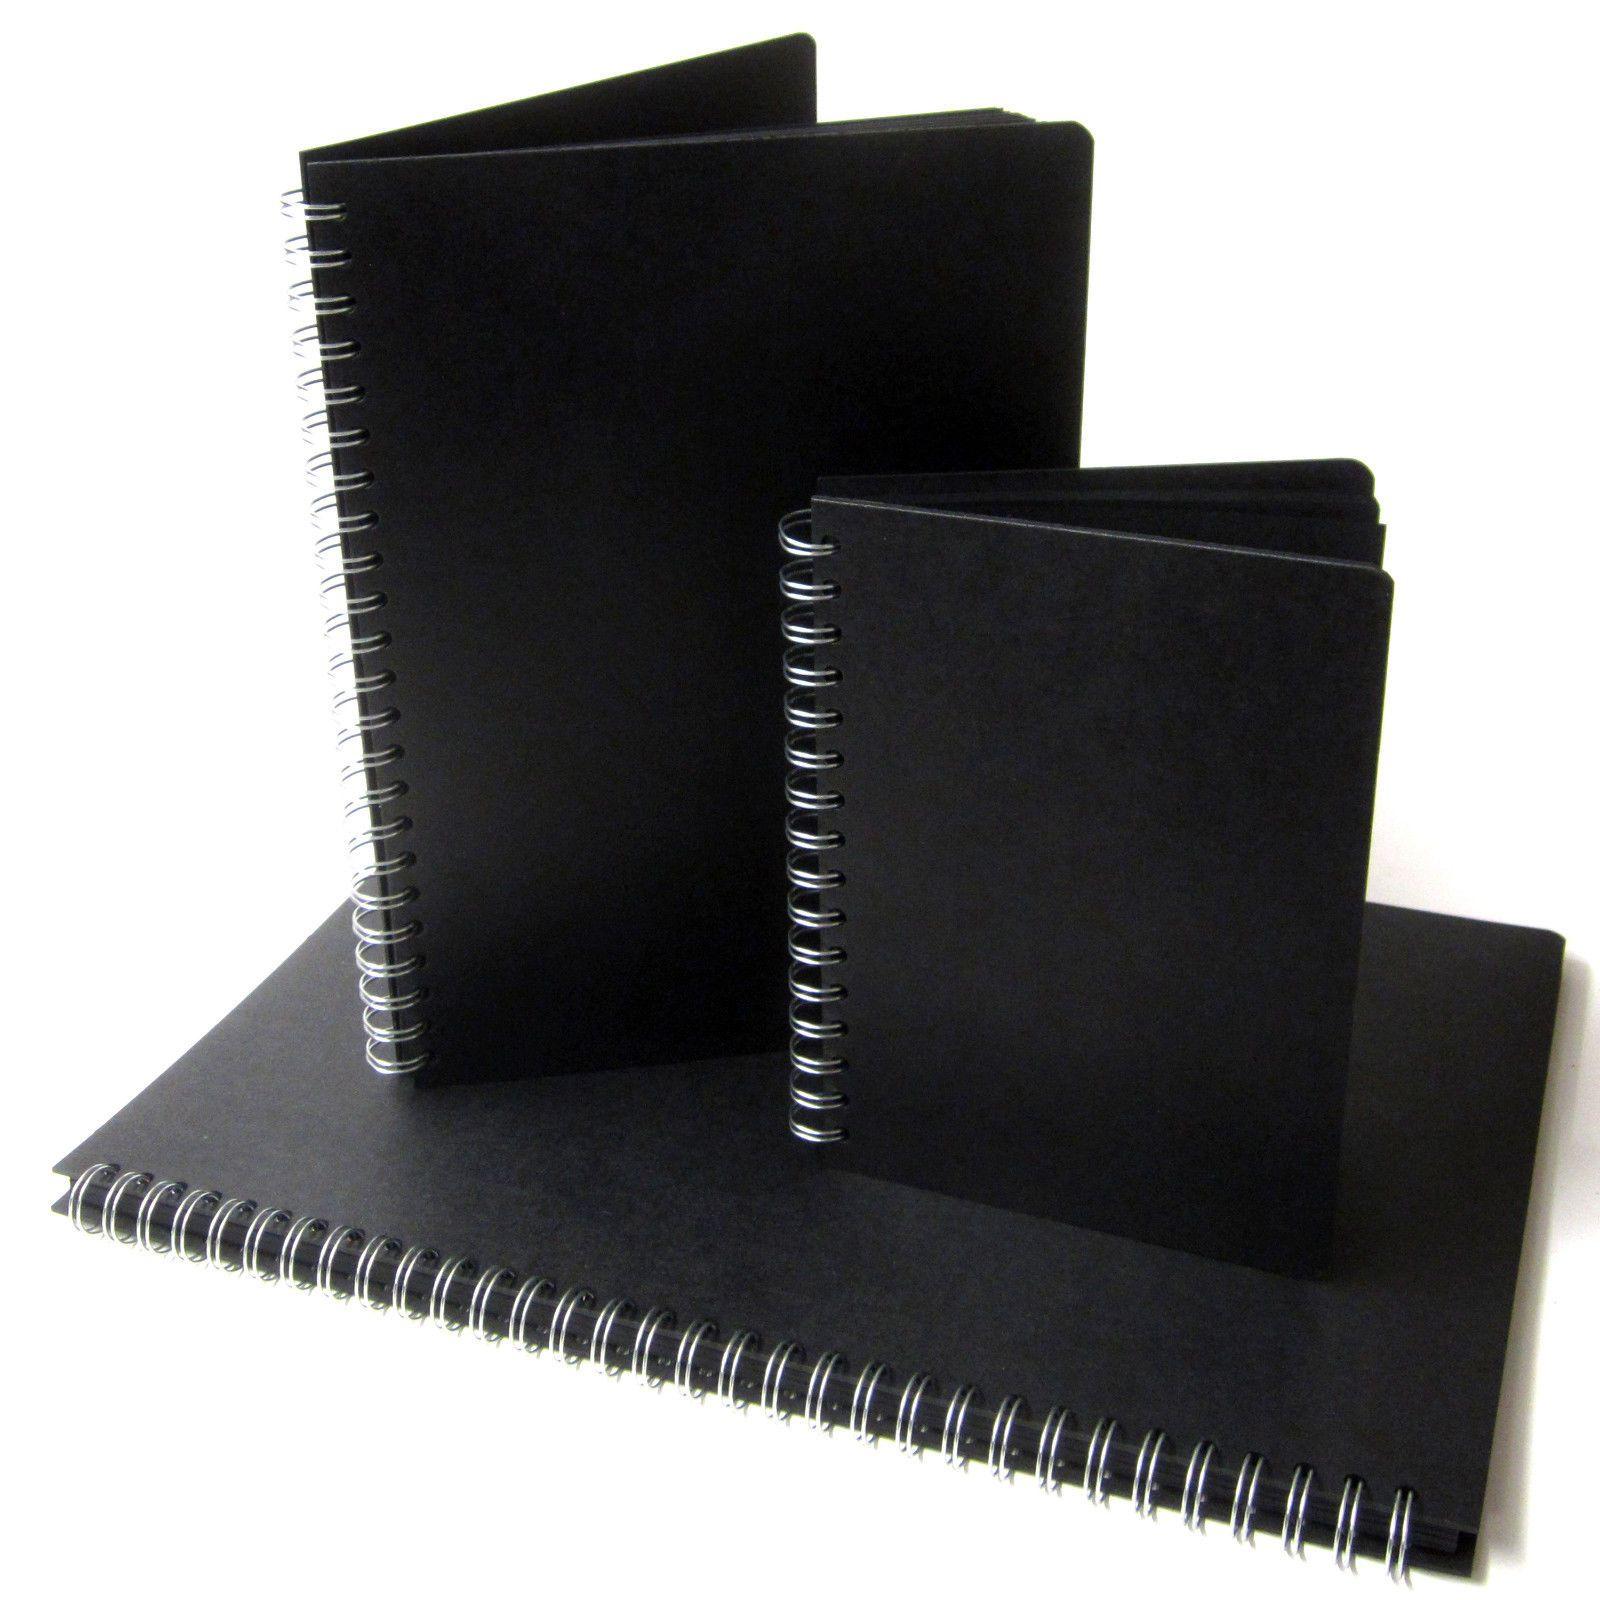 Black Pages Scrapbook A3a4a5 Portrait Photo Album Display